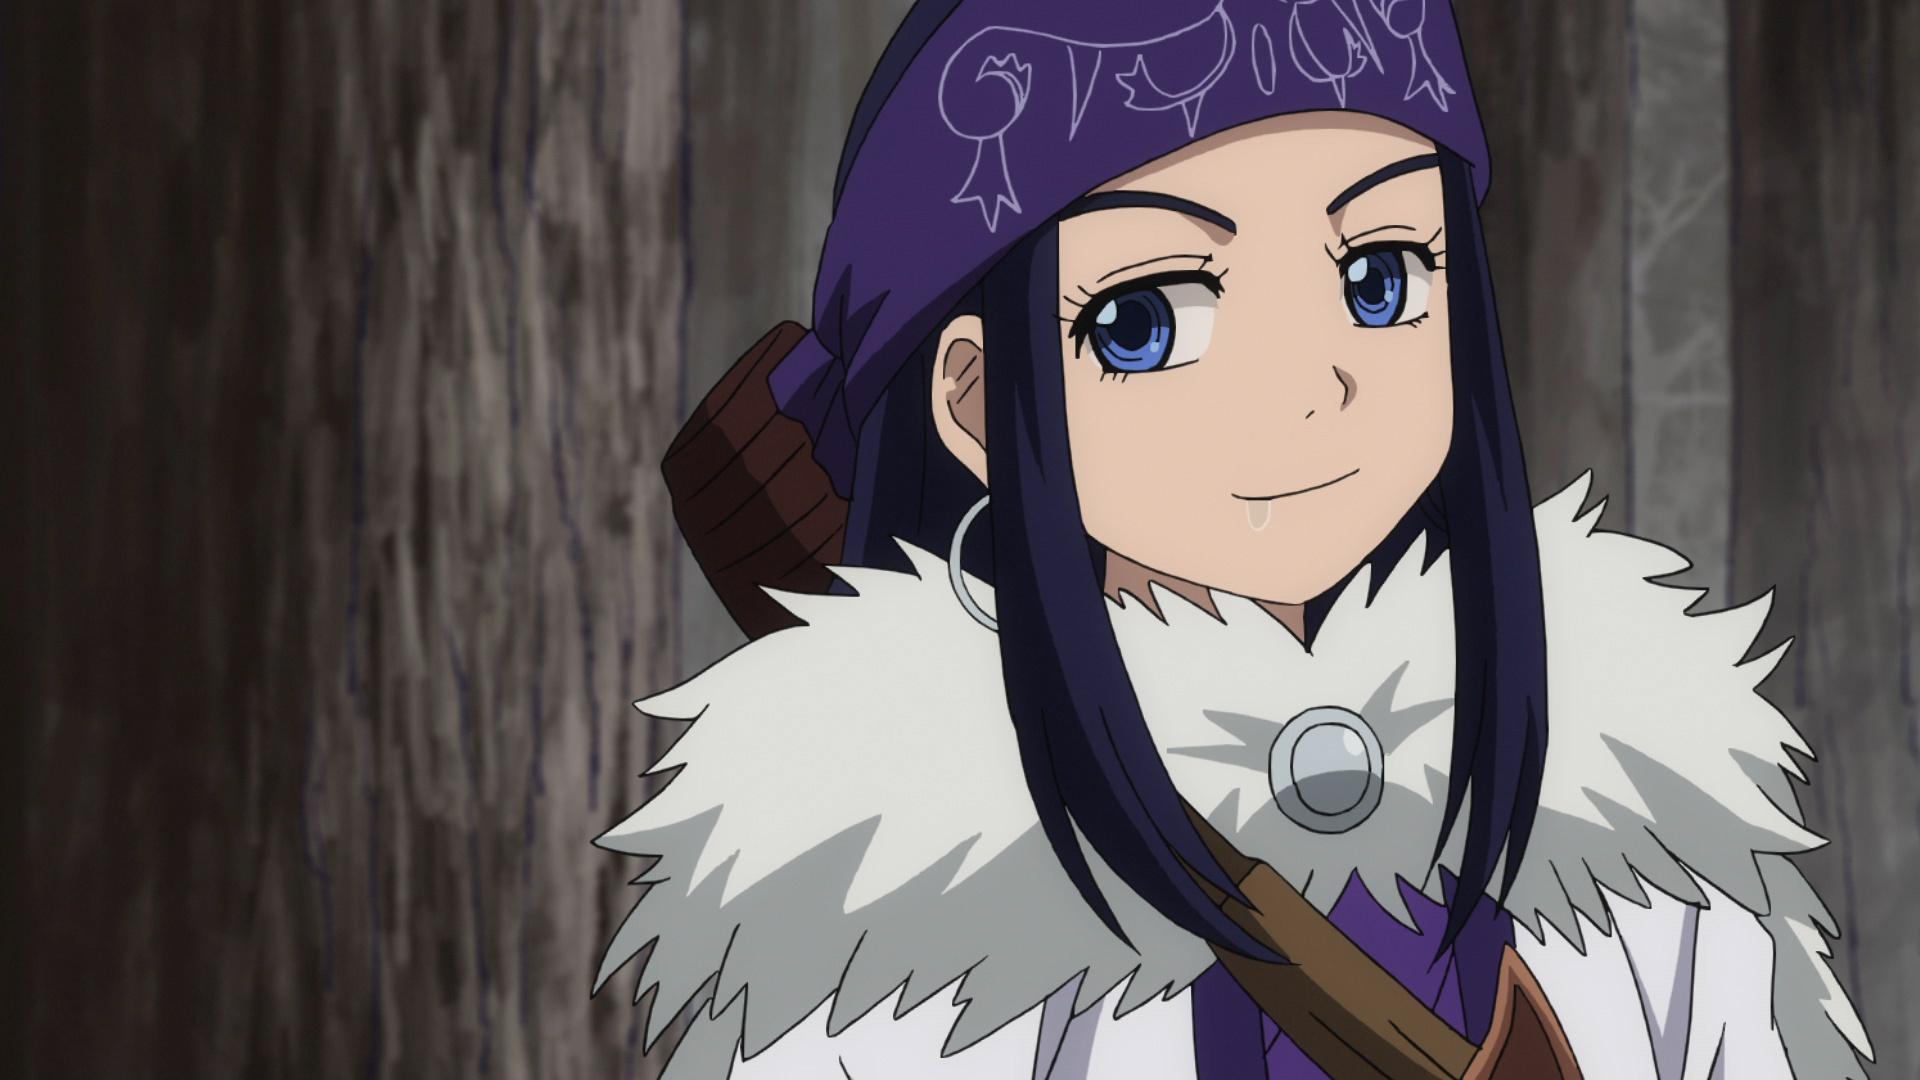 Watch Golden Kamuy Season 1 Episode 2 Sub Dub Anime Uncut Images, Photos, Reviews